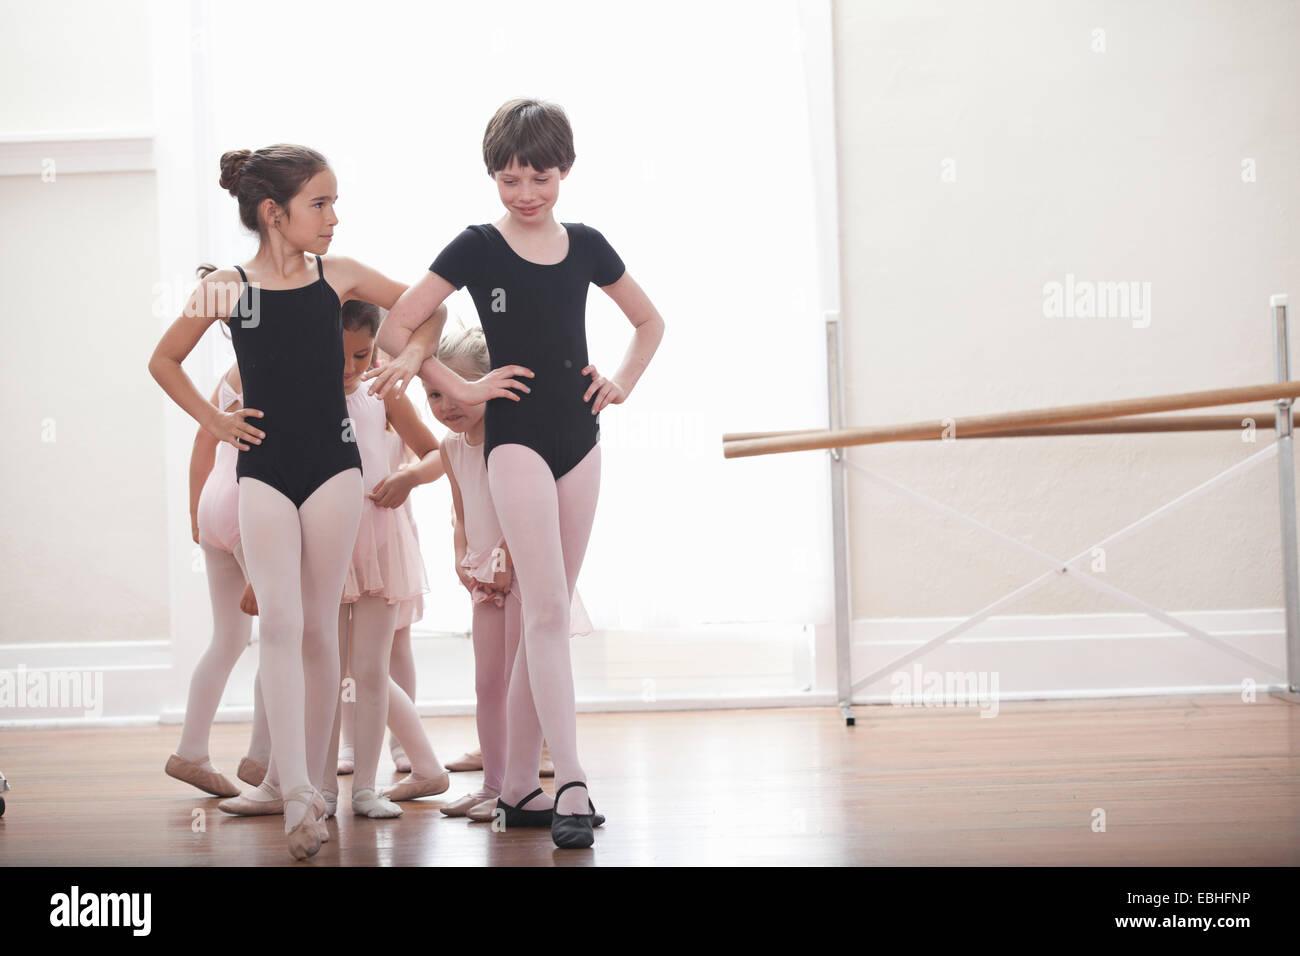 Un gruppo di ragazze a fare pratica con le mani sui fianchi in scuola di danza Immagini Stock